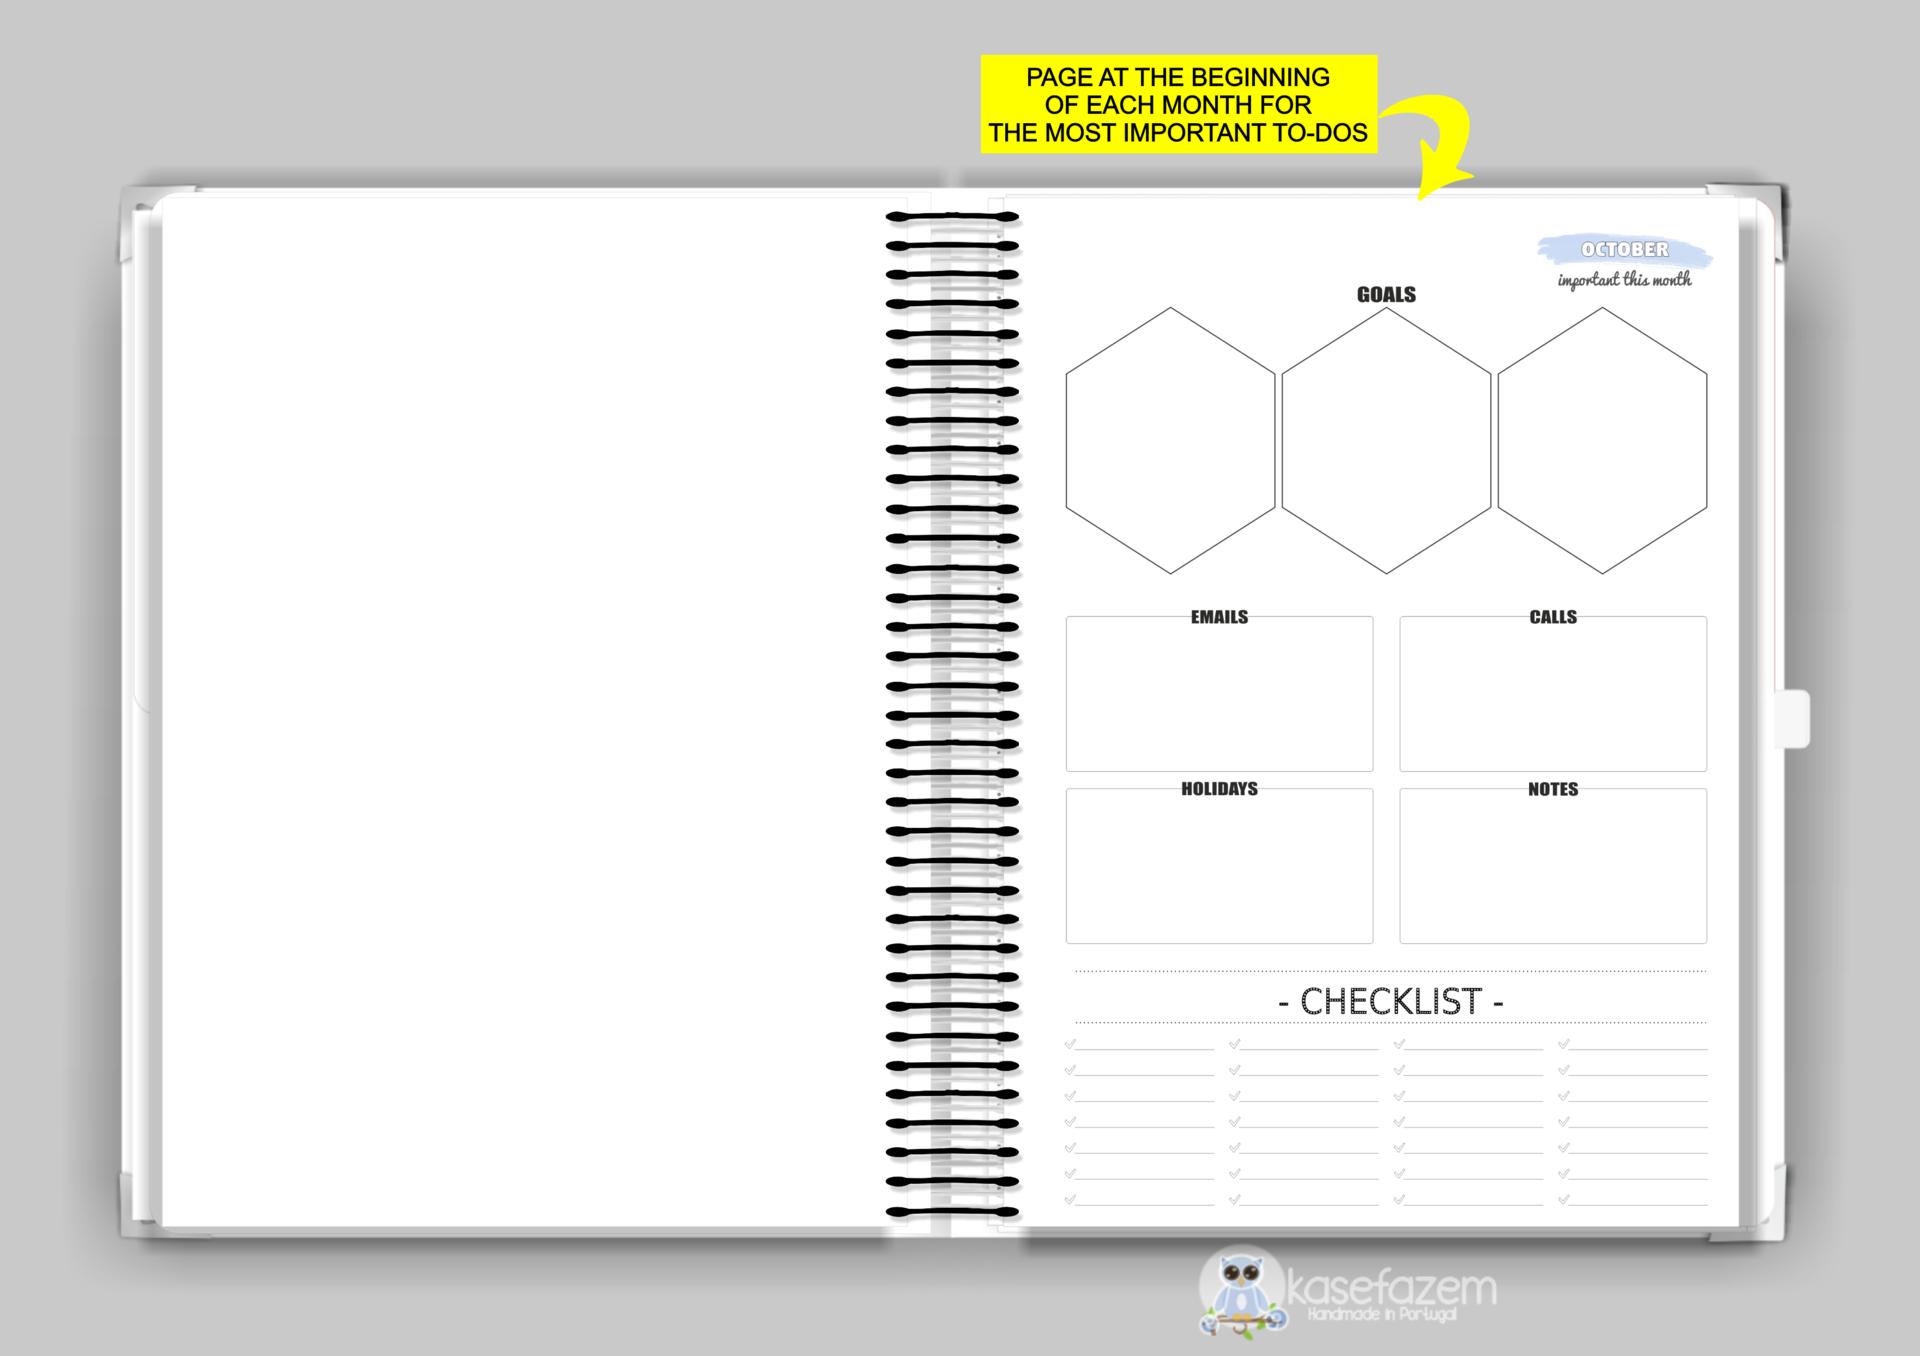 kasefazem personalized planner